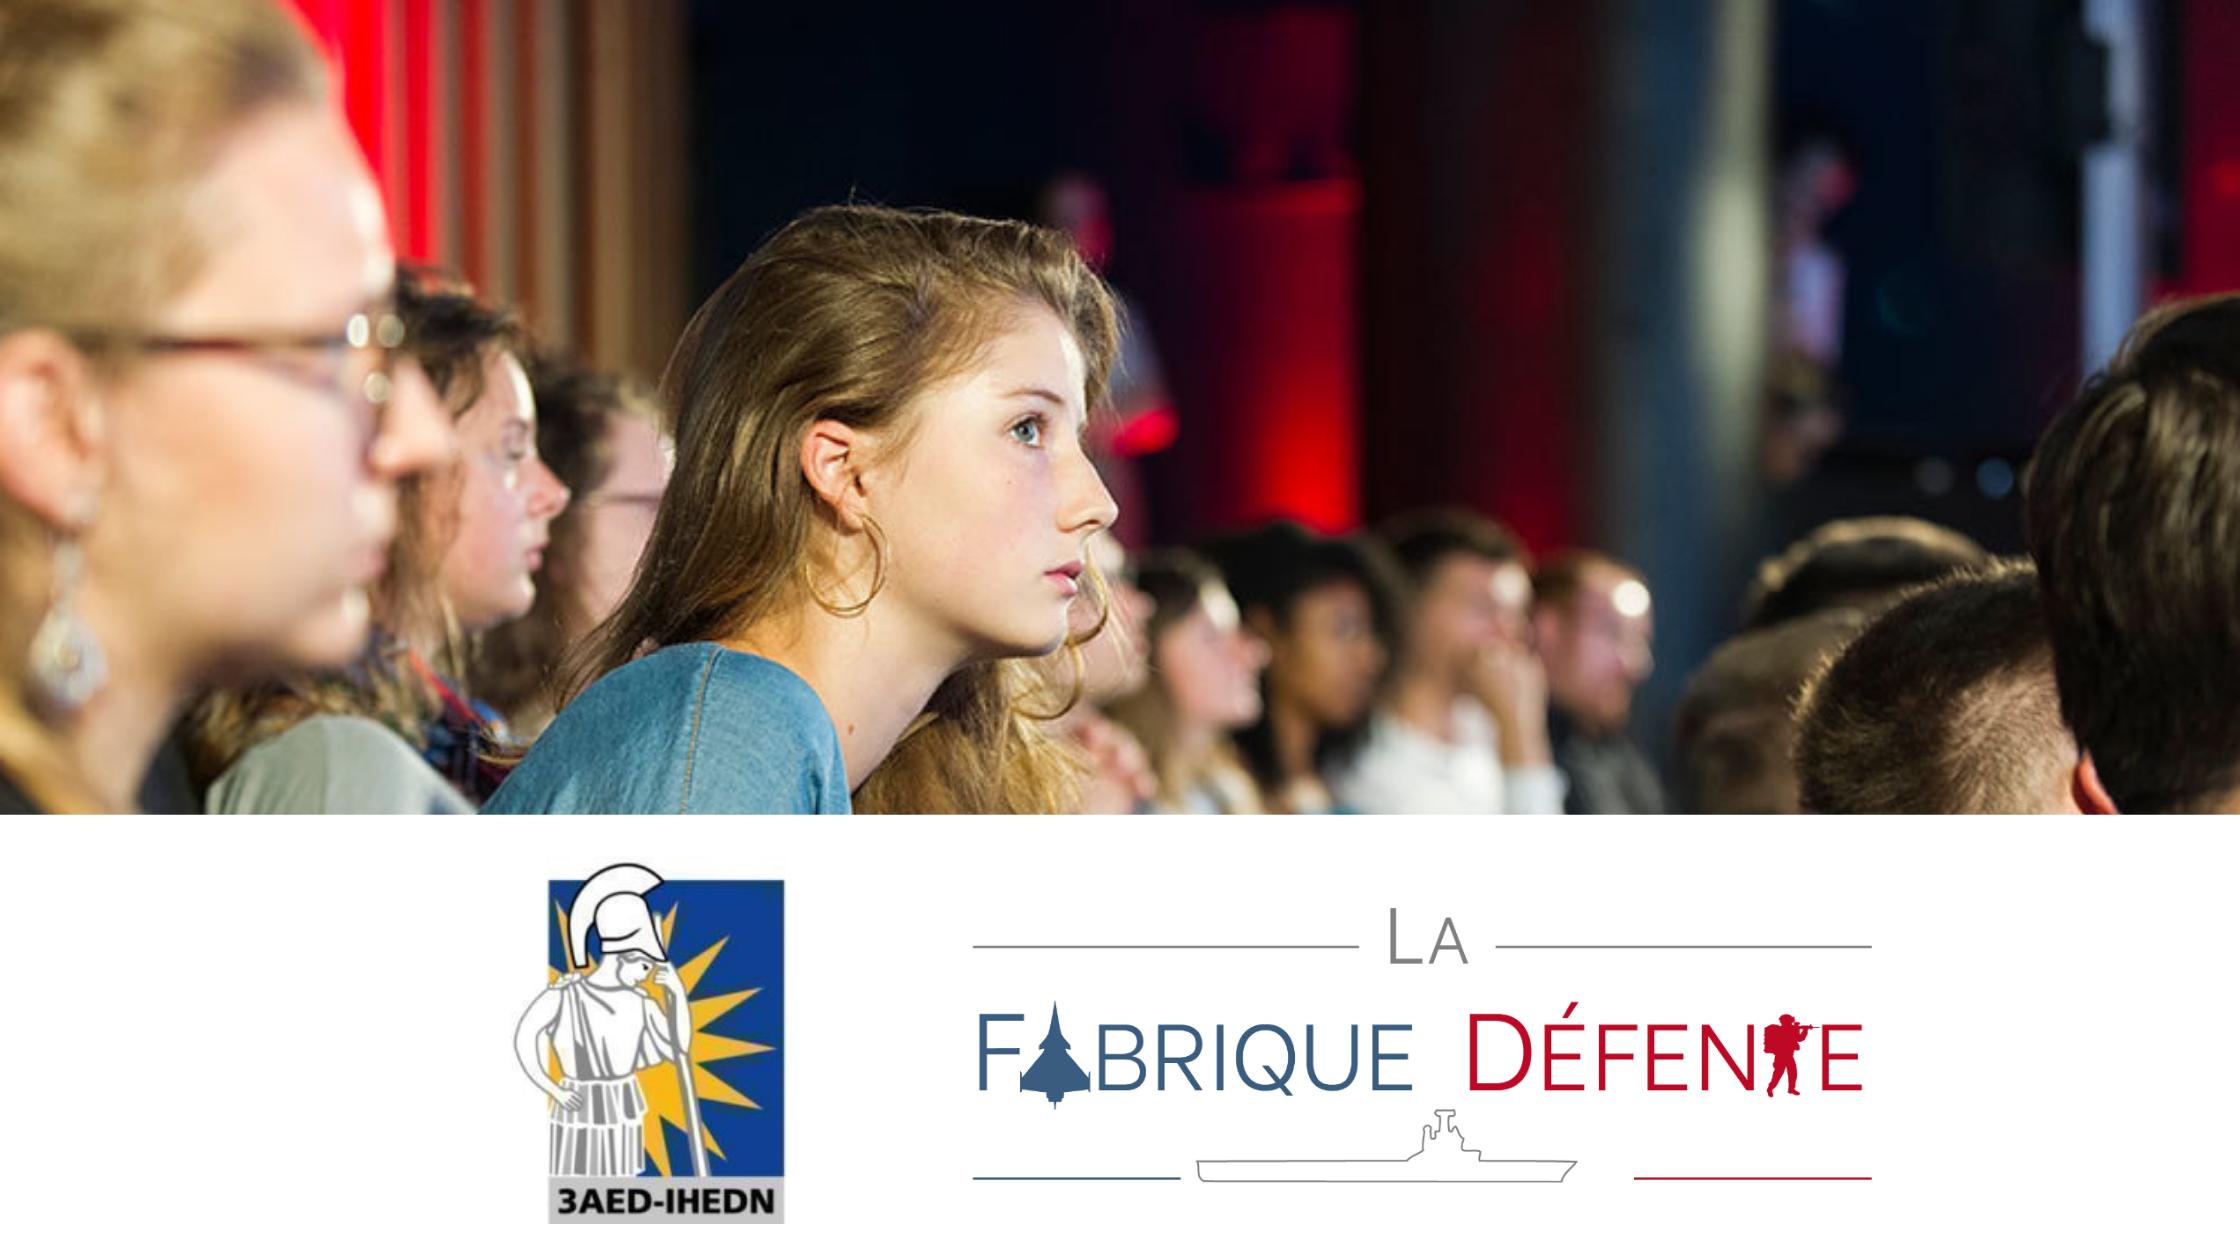 3AED-IHEDN, partenaire de La Fabrique Défense, un salon dédié à la jeunesse